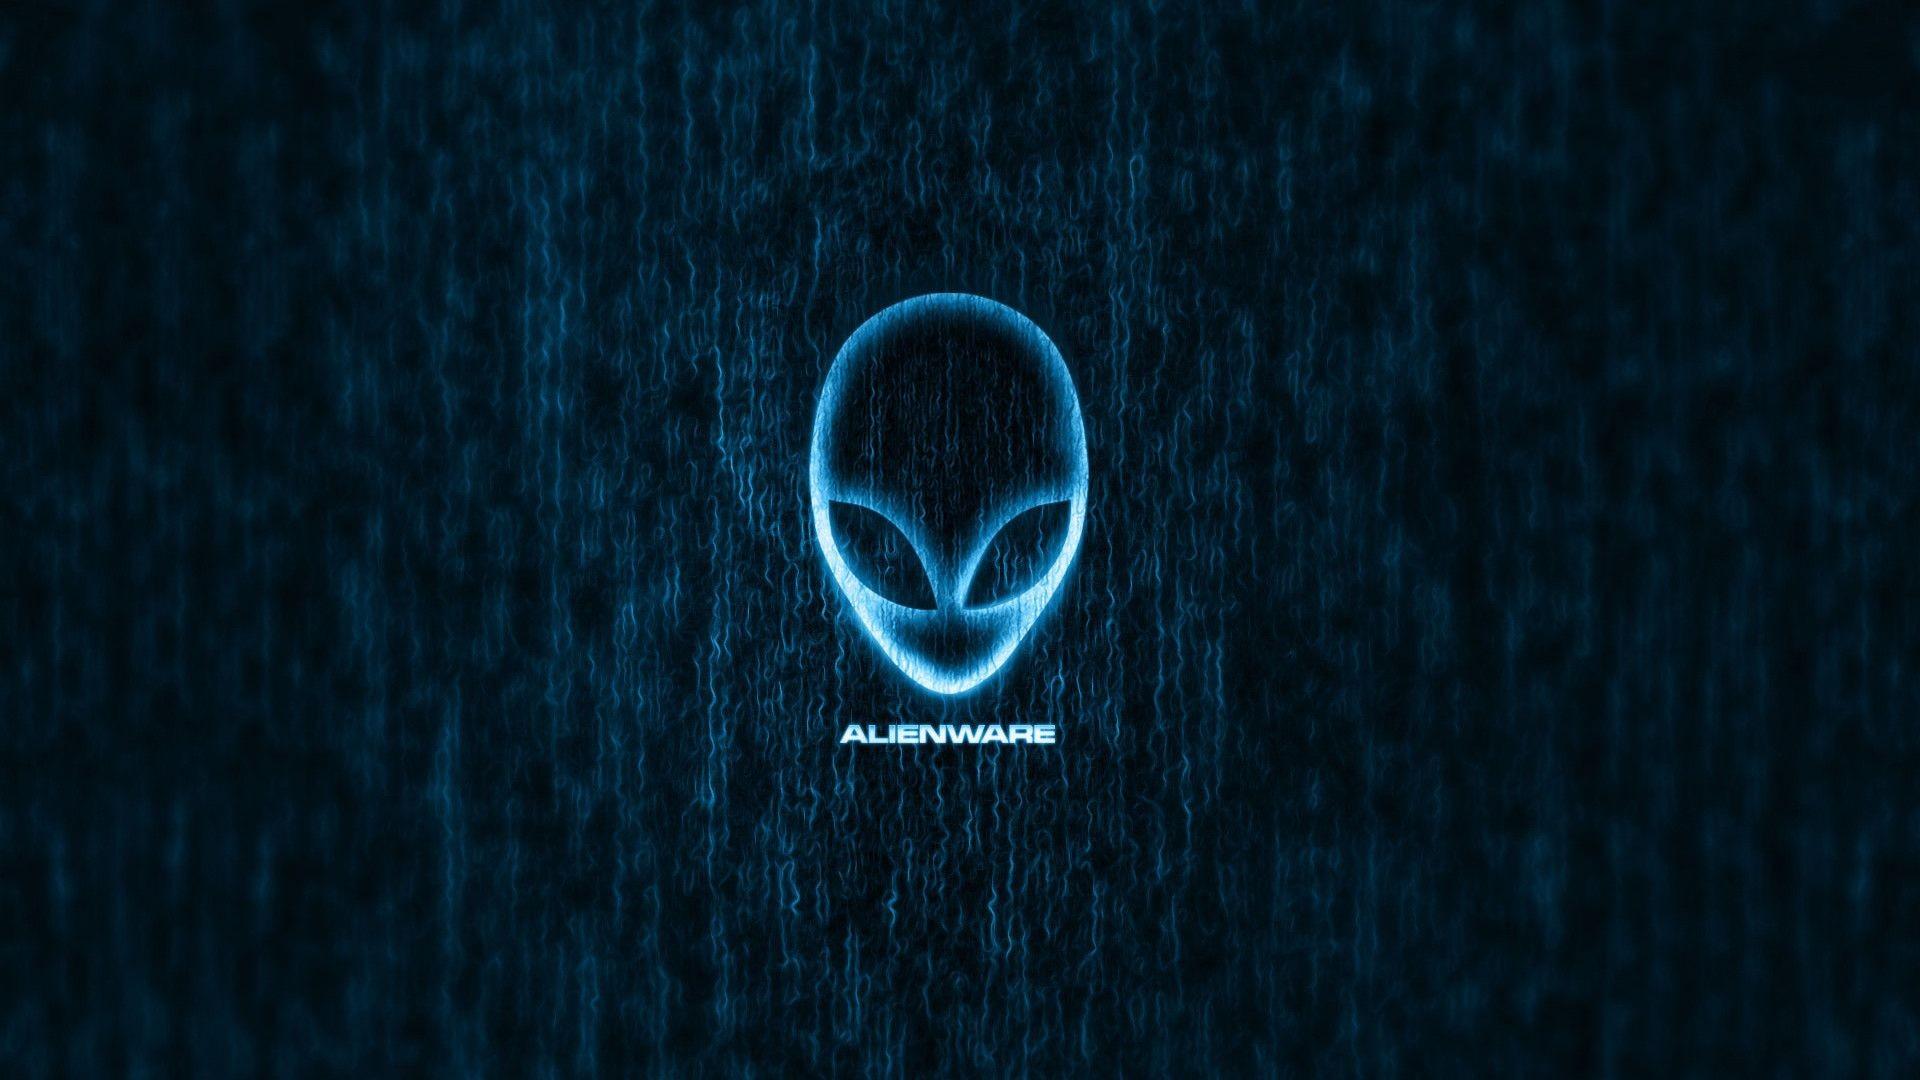 Blue Alien Wallpaper